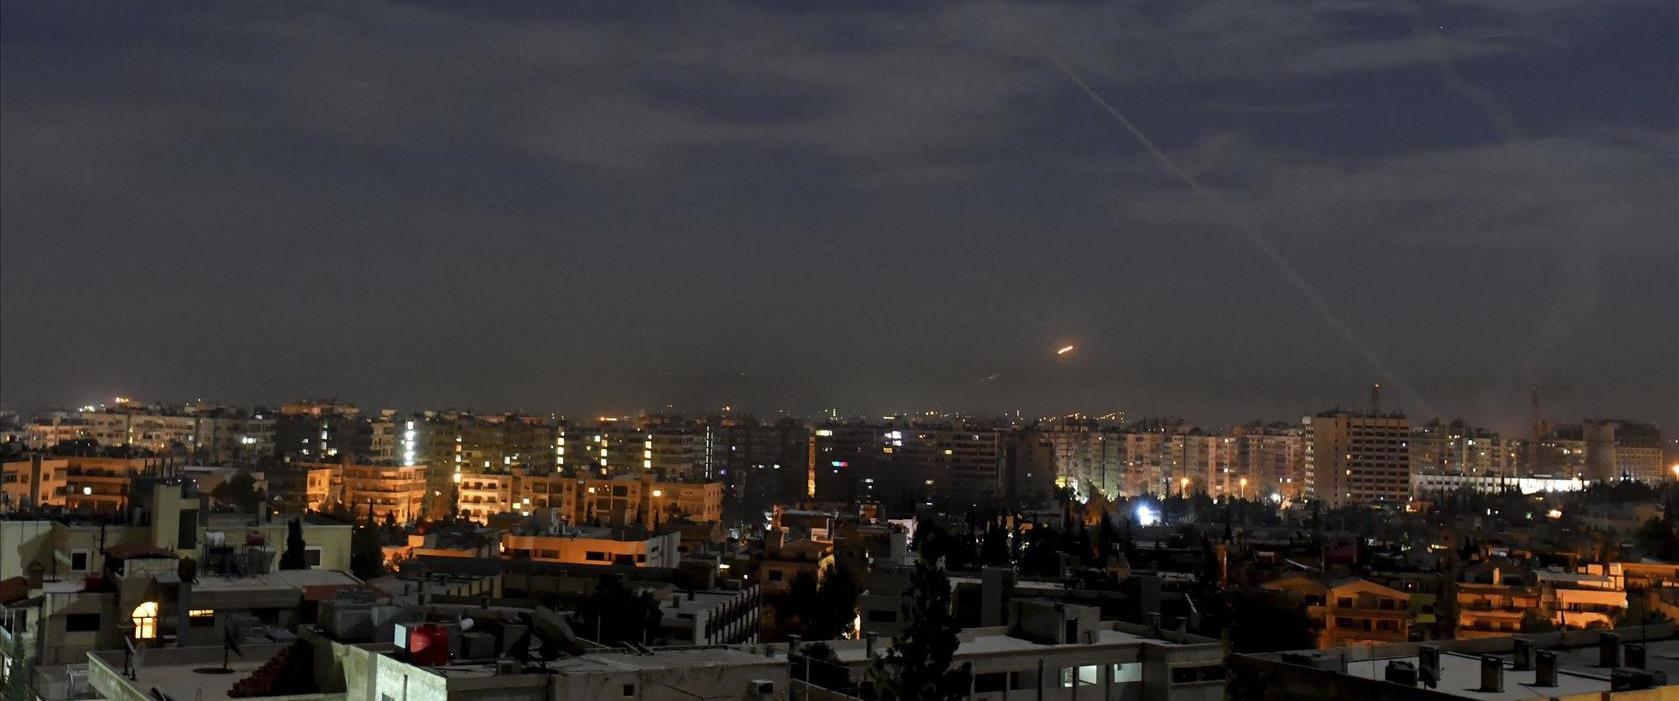 תקיפה ישראלית בסוריה ינואר 2019